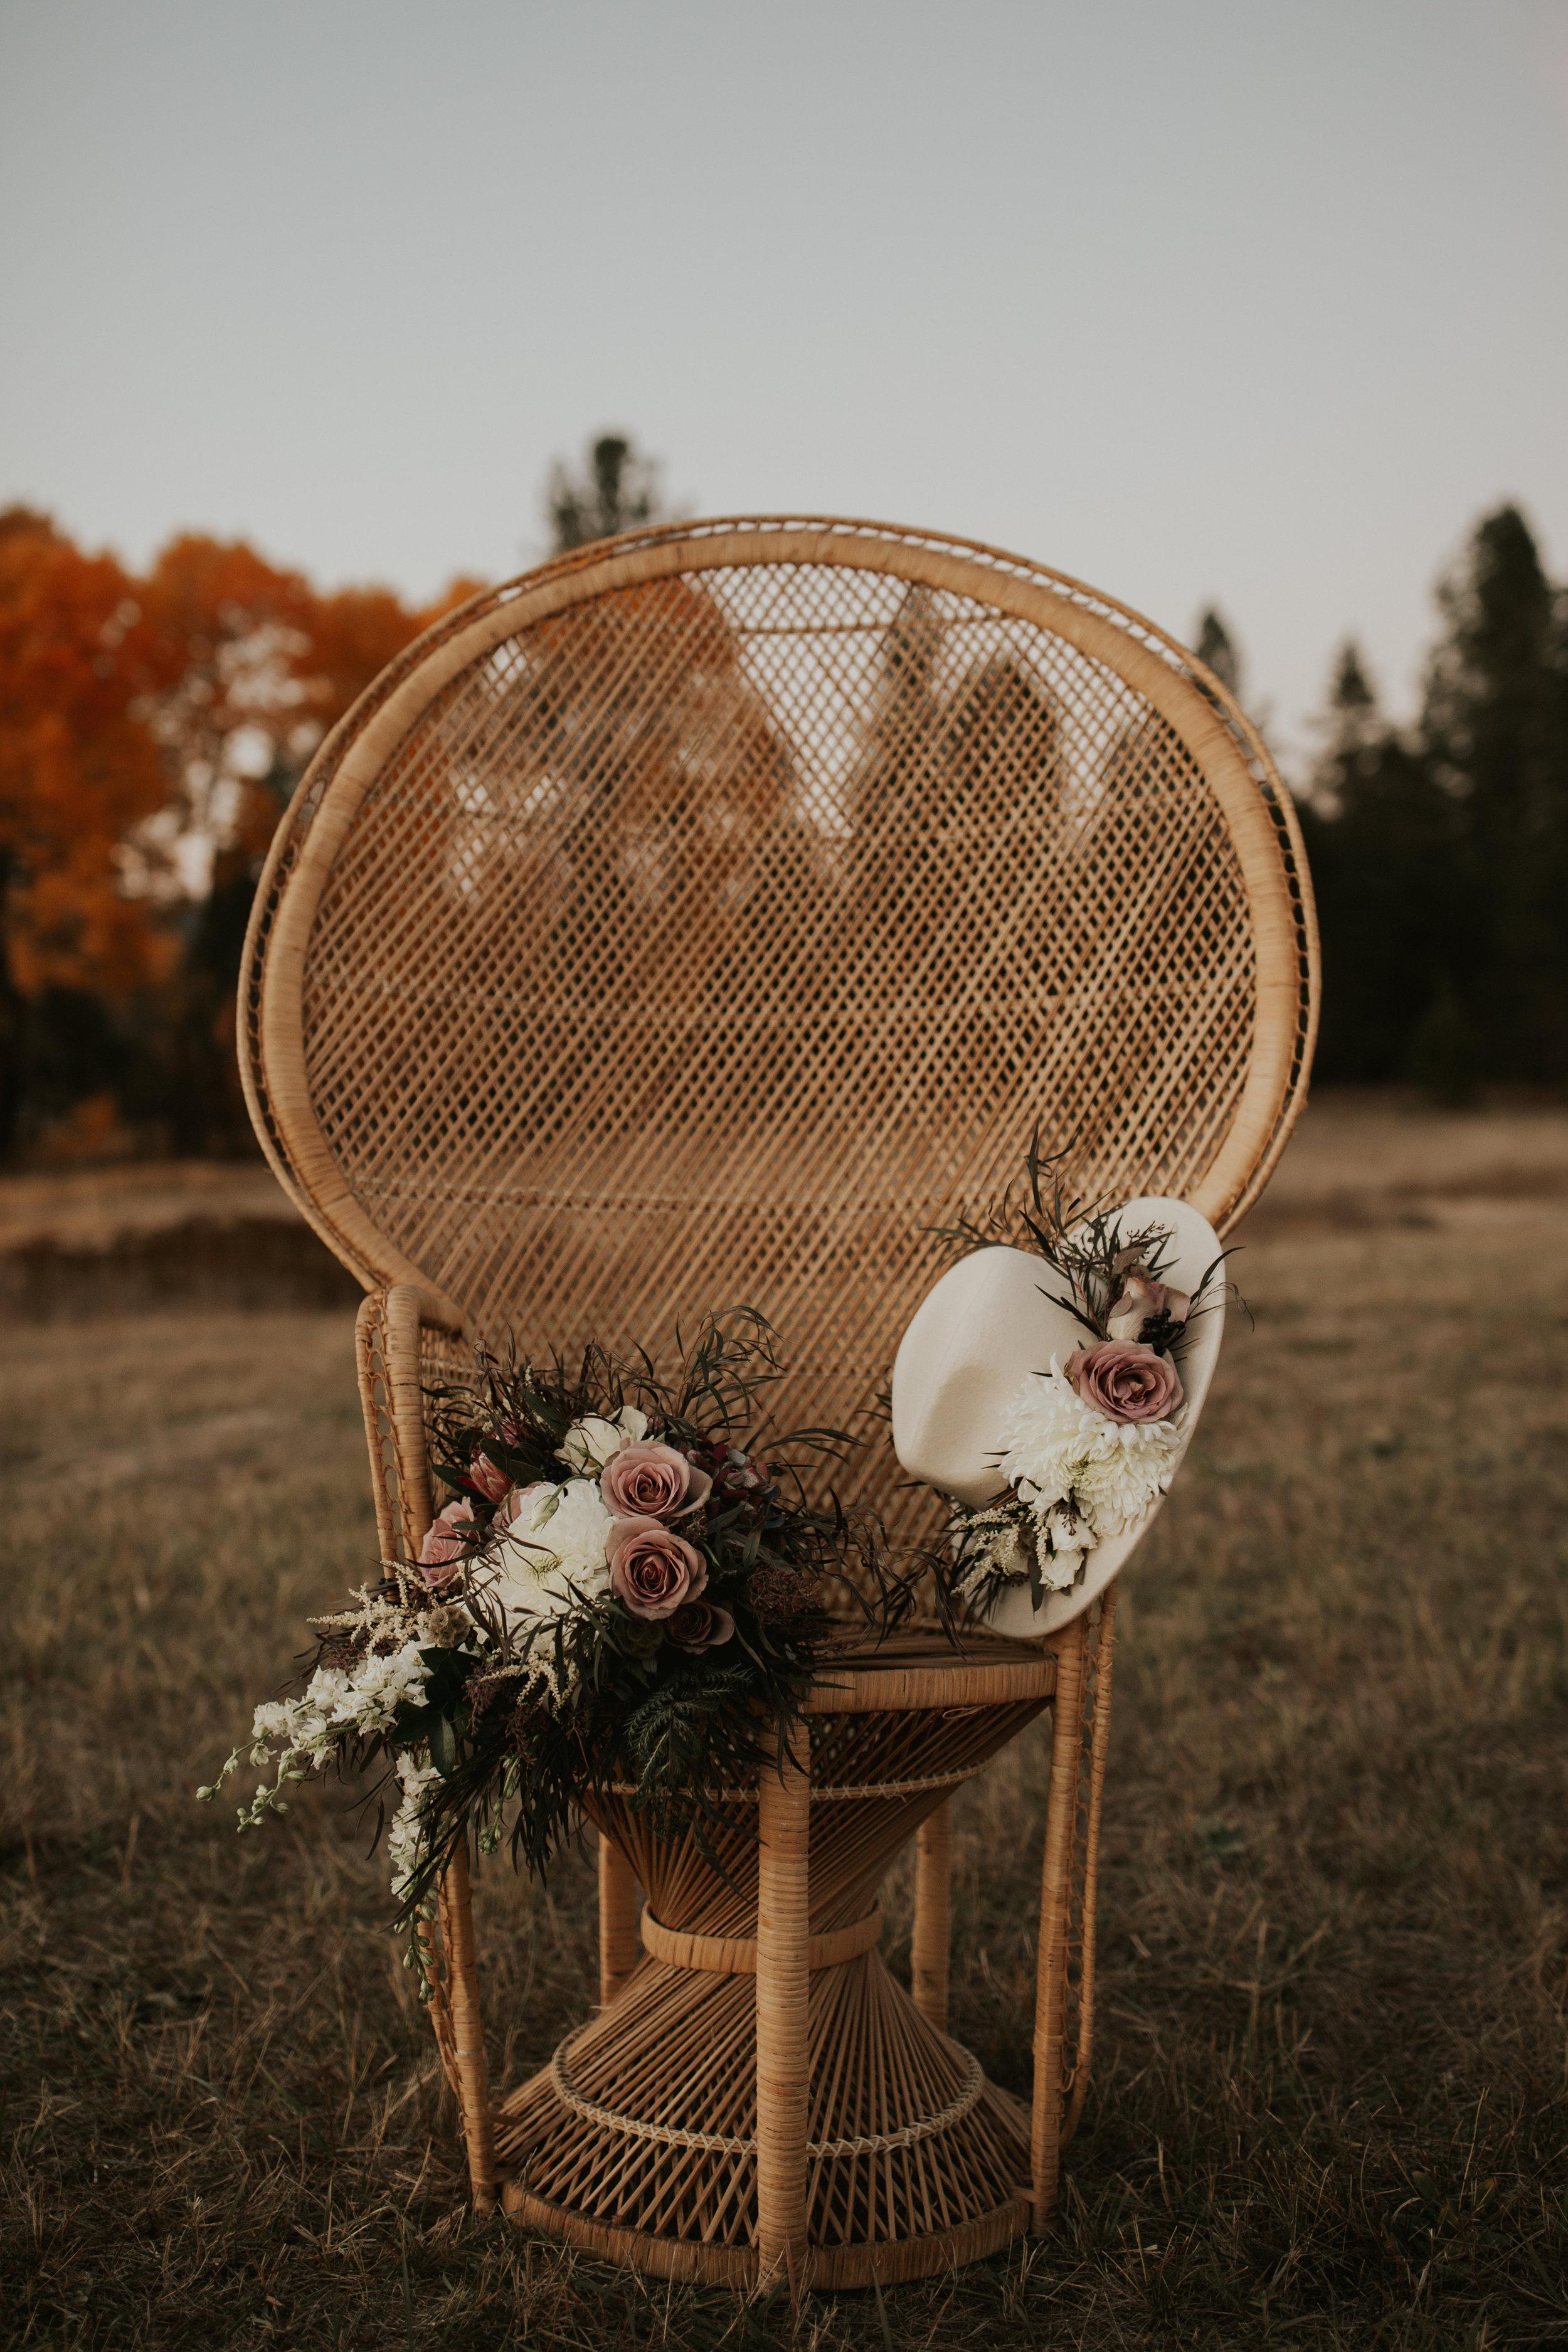 peacock chair bridal photo shoot image spokane